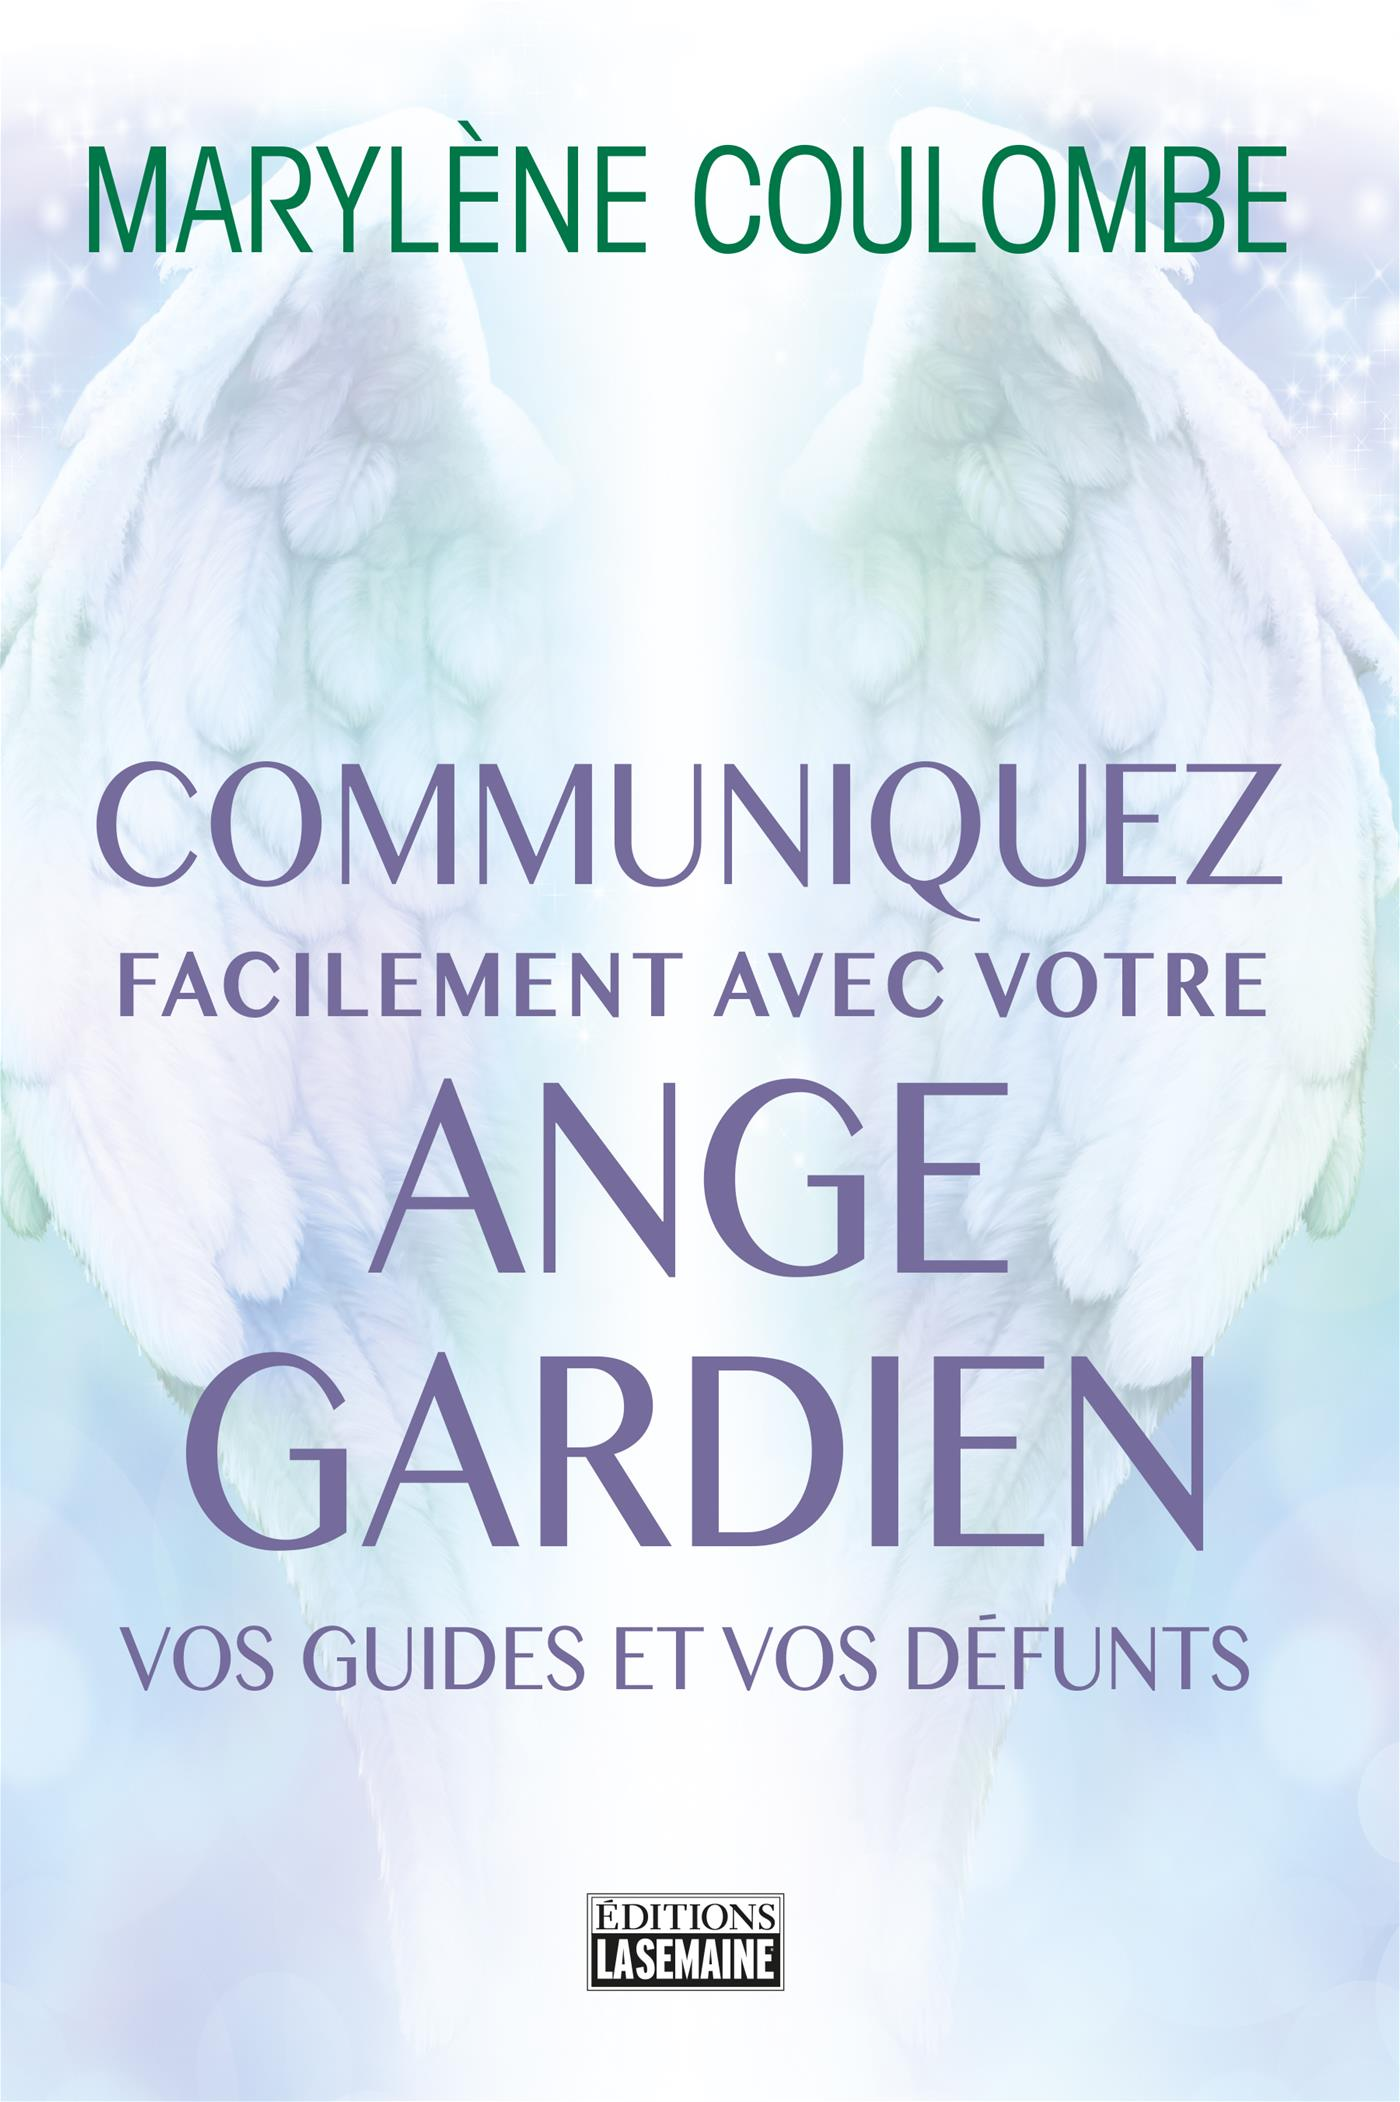 Communiquez facilement avec votre ange gardien, avec vos guides, avec vos défunts